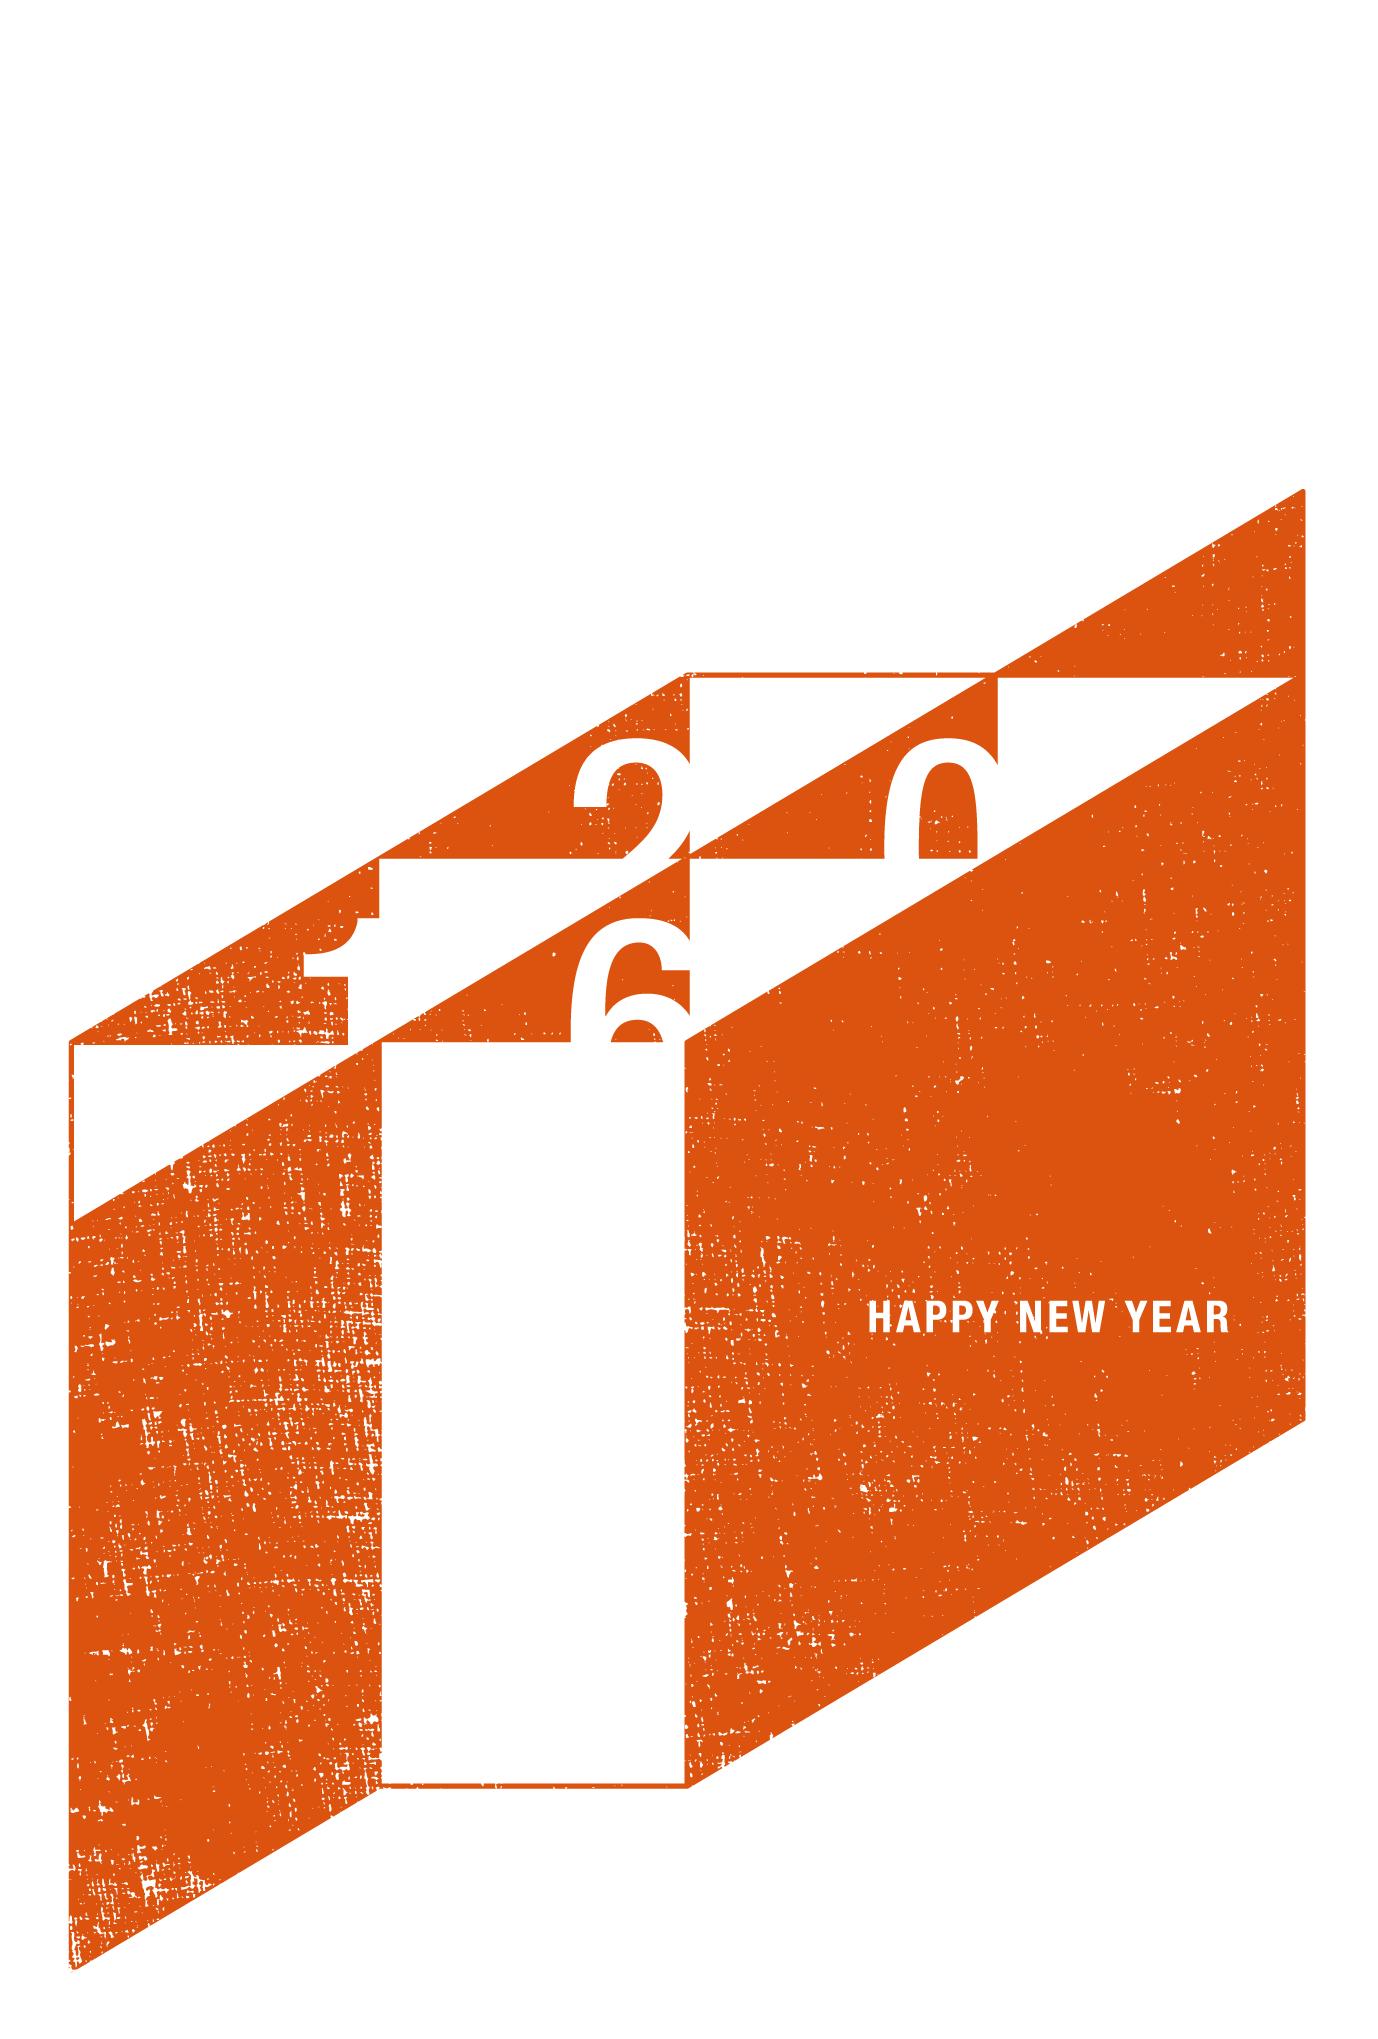 2016年賀状21-1:申の図案(赤)のダウンロード画像